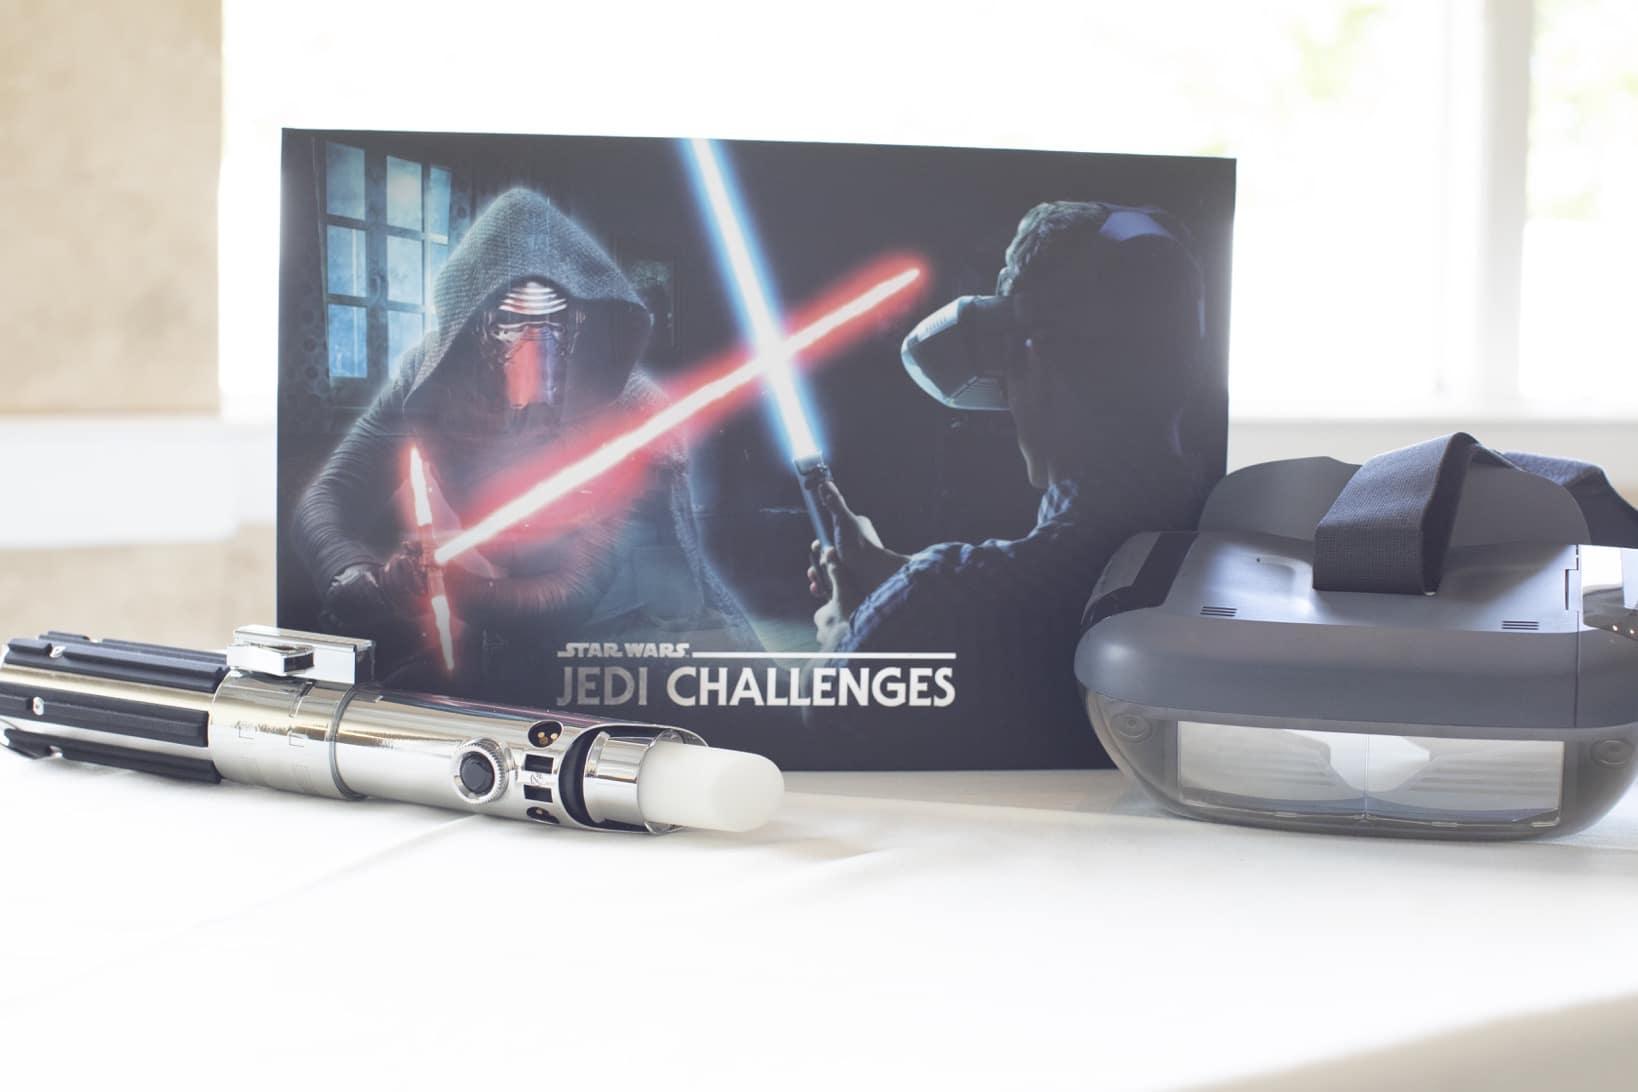 Starwars jedi challenges